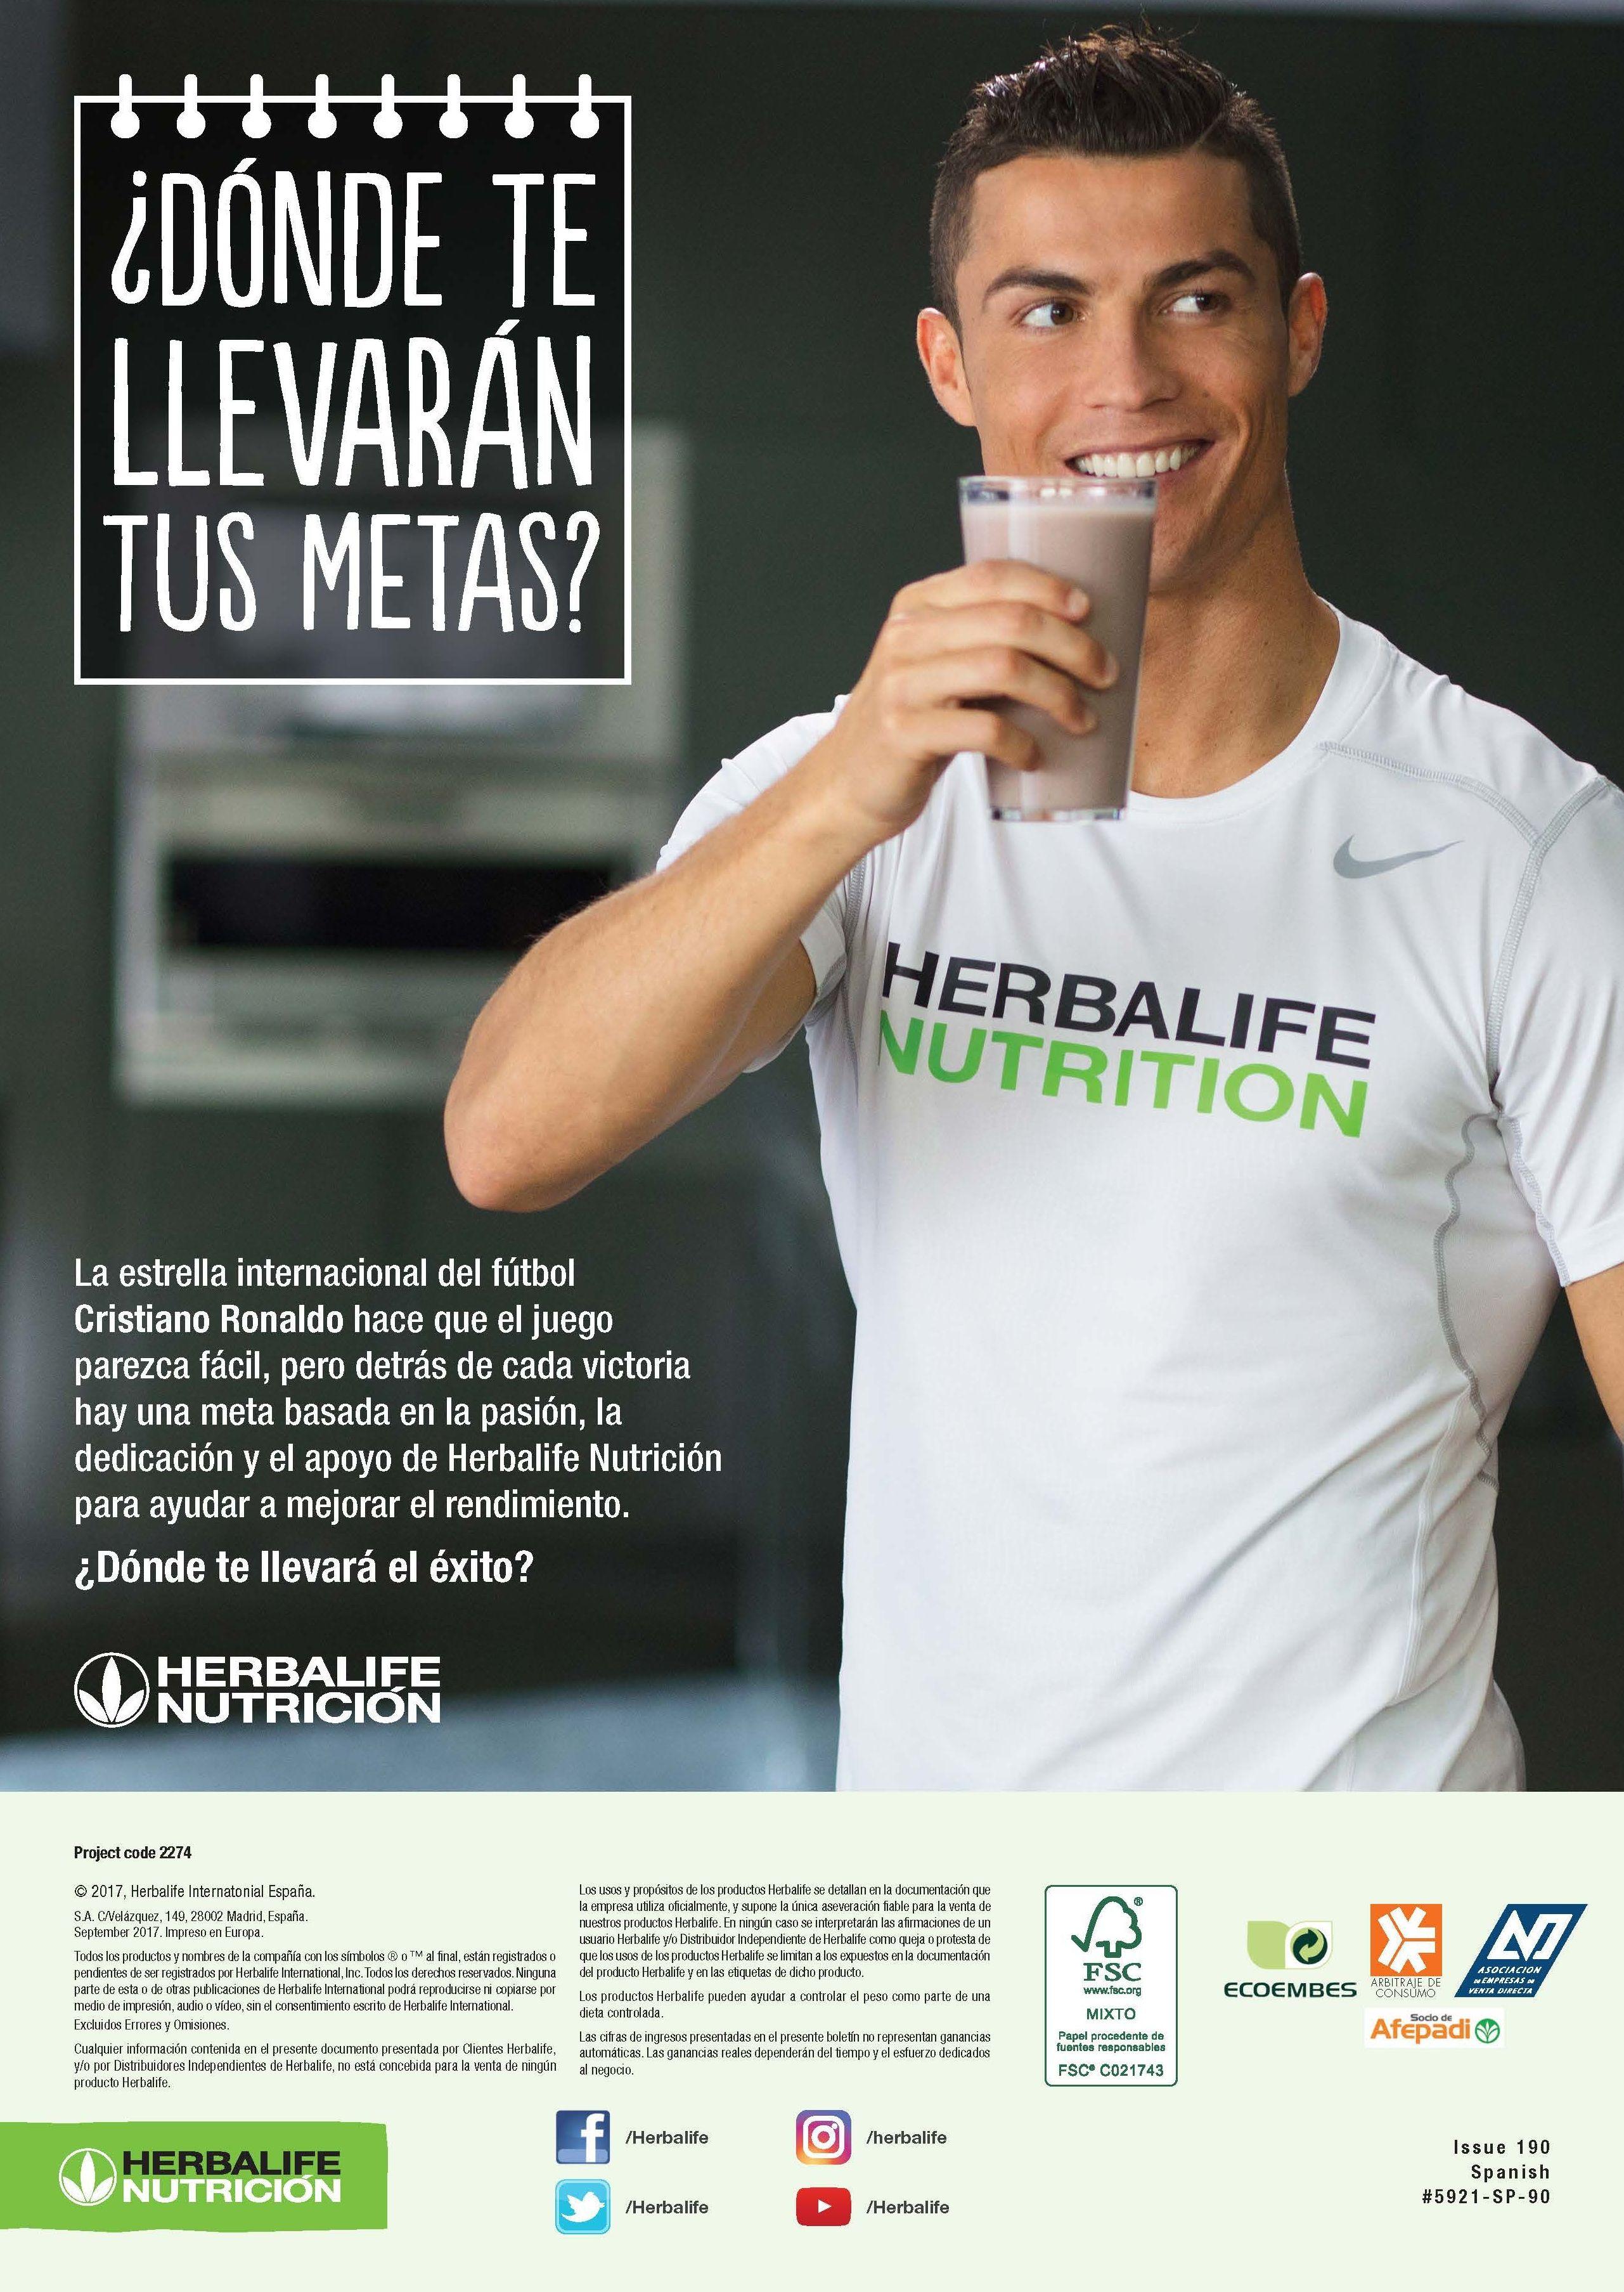 Nutrición deportiva: Productos de Centro de Bienestar y Nutrición